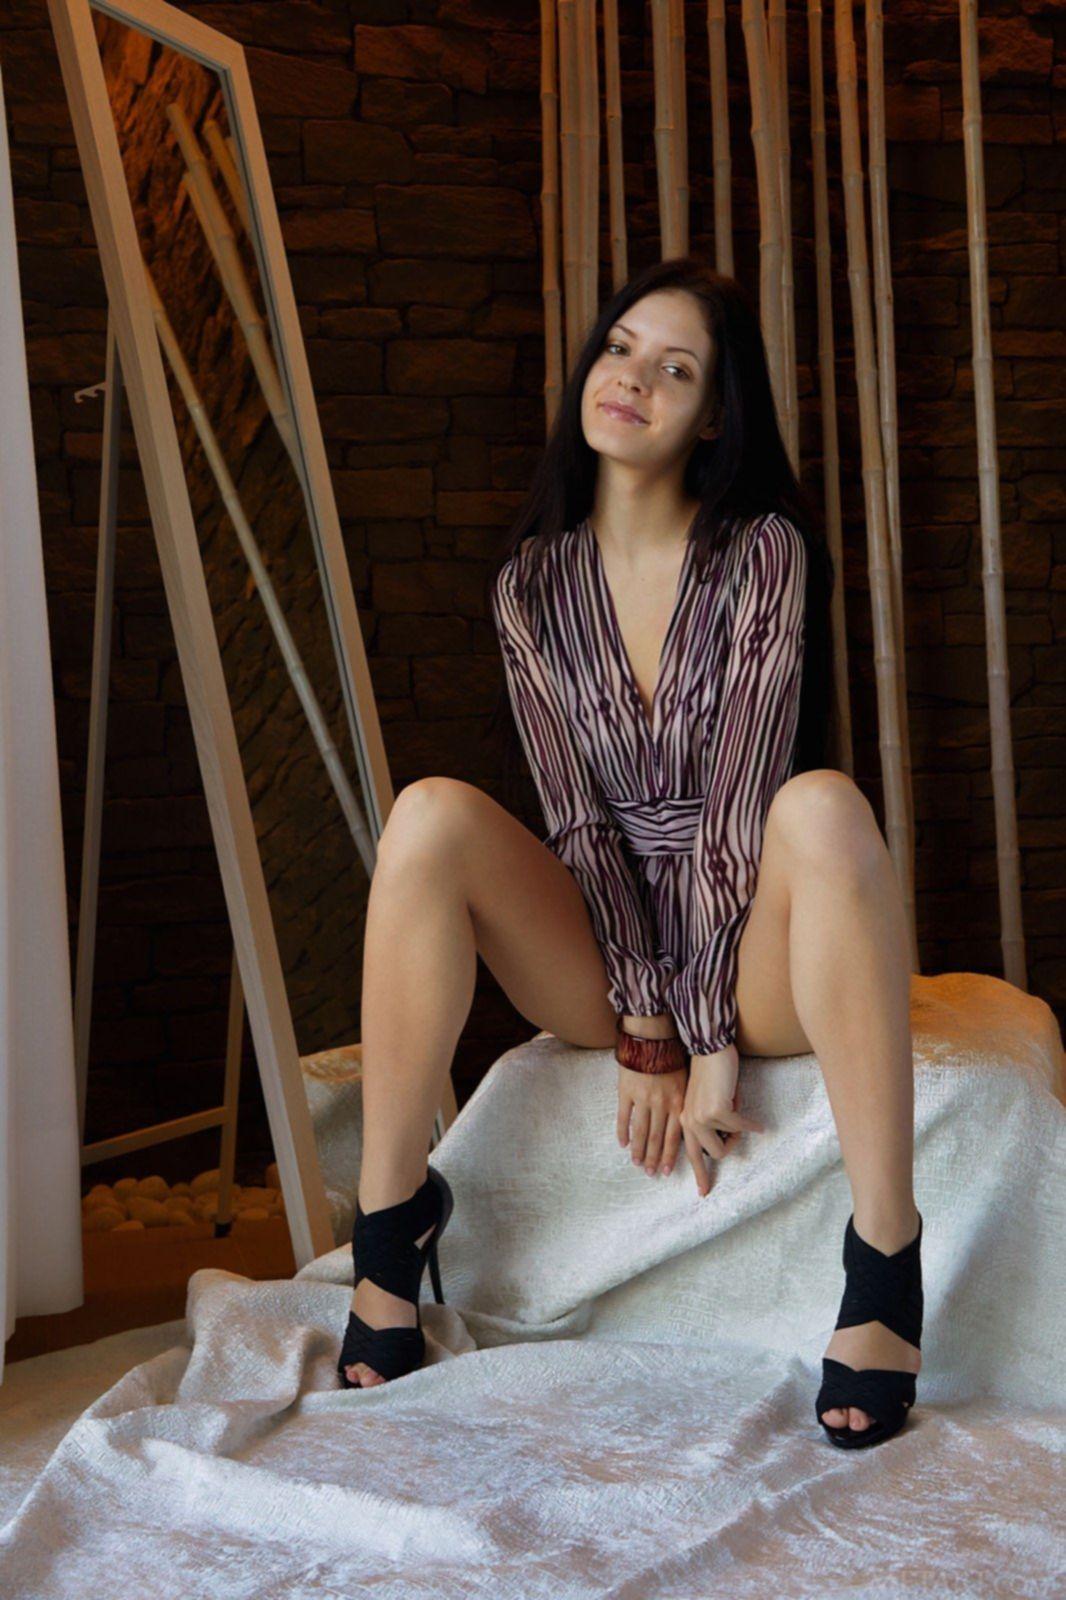 Брюнетка в рубашке и туфлях засветила бритую письку - фото